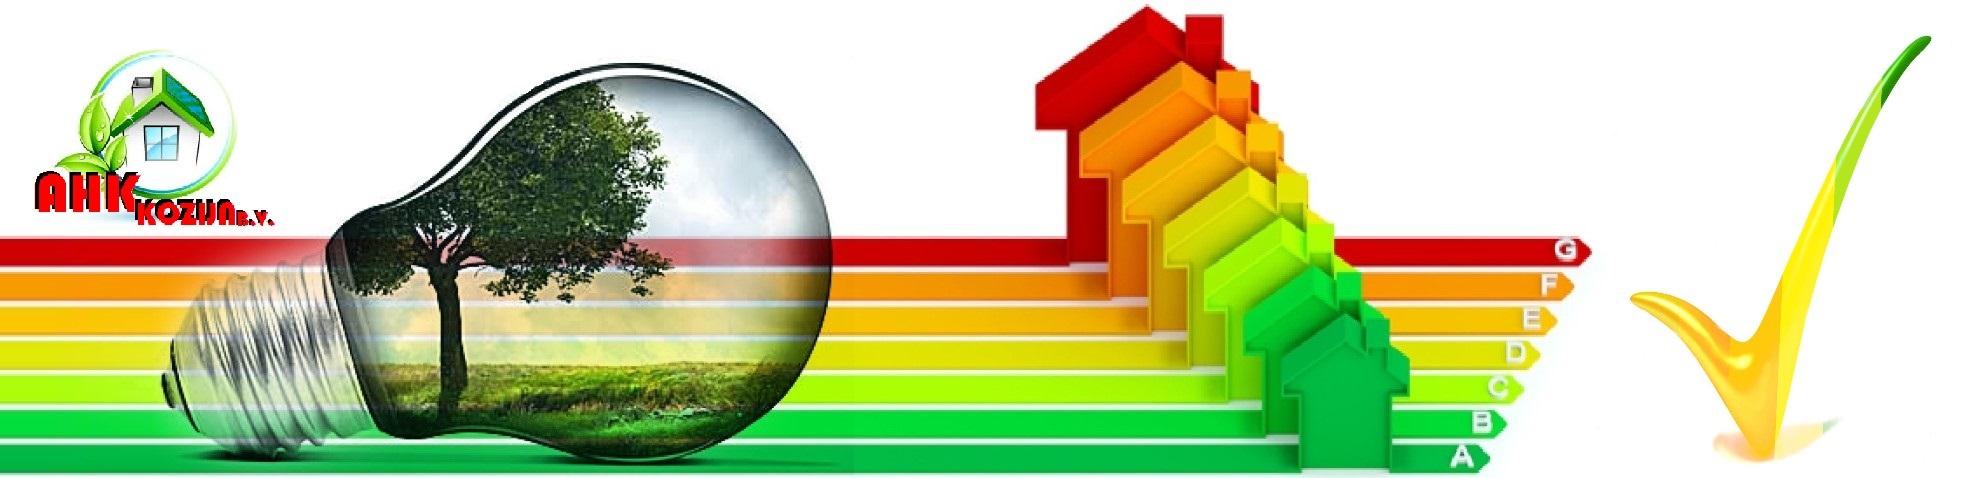 beparende kozijnen, energiezuinige kozijnen, isolerende kozijnen, betaalbare kozijnen, circulaire kozijnen, duurzame kozijnen, duurzaamheid huizen, duurzame bouw, duurzaam bouwen, duurzame huizen bouw, passief kozijn, passiefbouw kozijnen